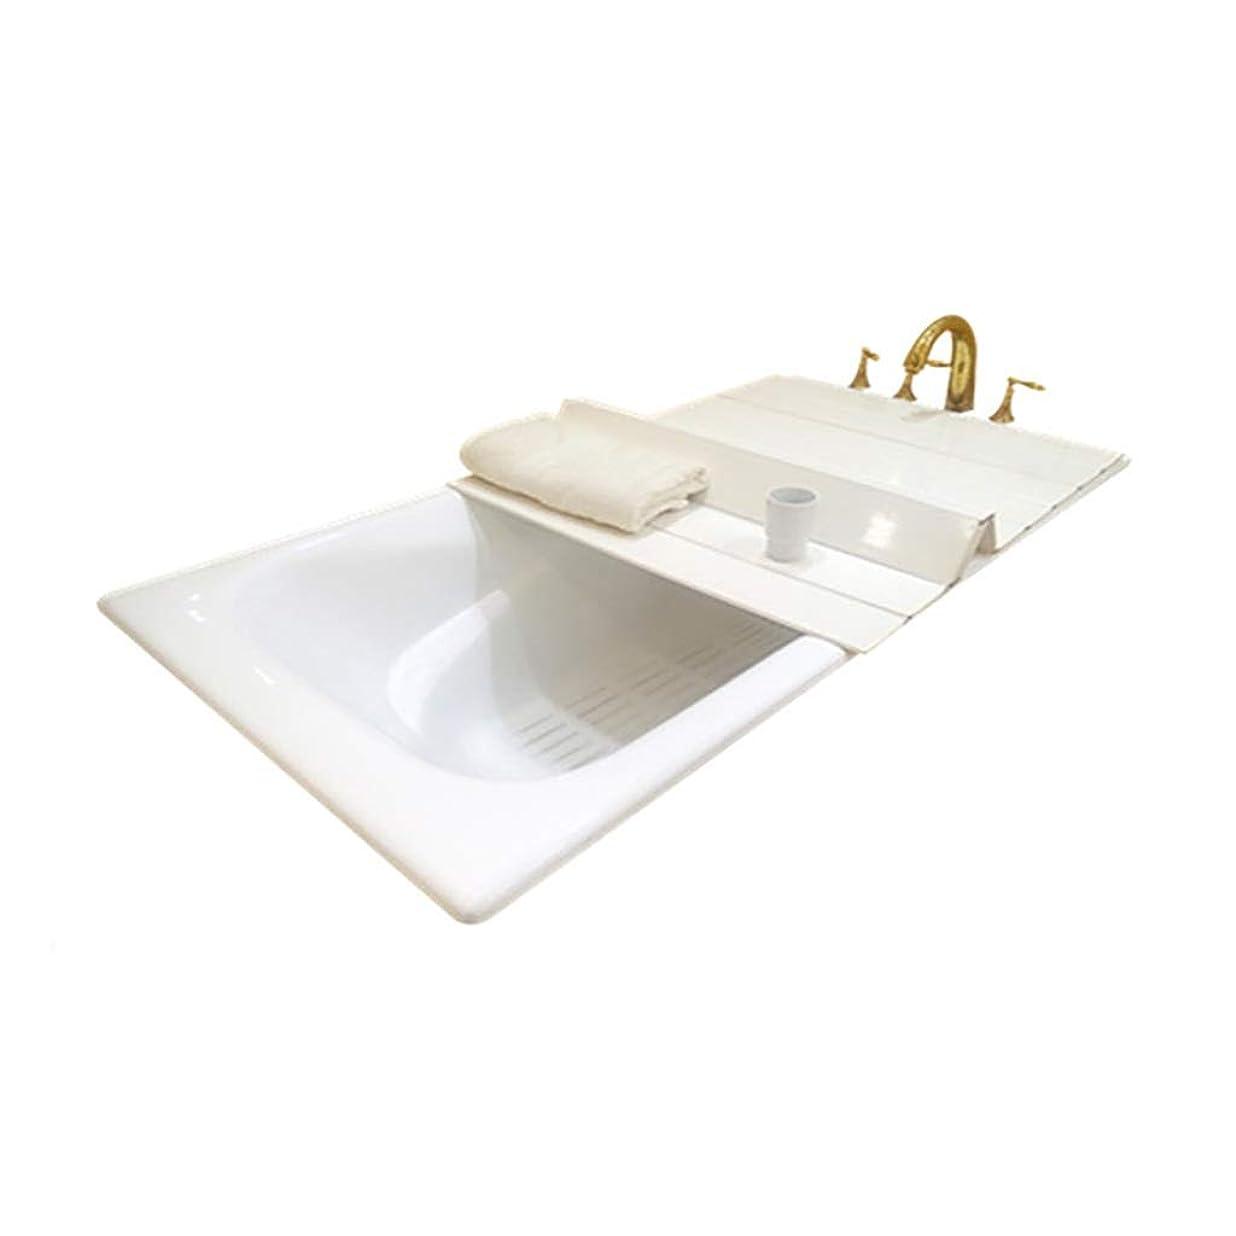 予備同意する温かいお風呂の入り江 75センチメートルの幅と絶縁バスルーム、環境保護PVC、穿孔バスタブ、バスカバー、ラックを折りたたみ (Color : 160cm*75cm*0.6cm)